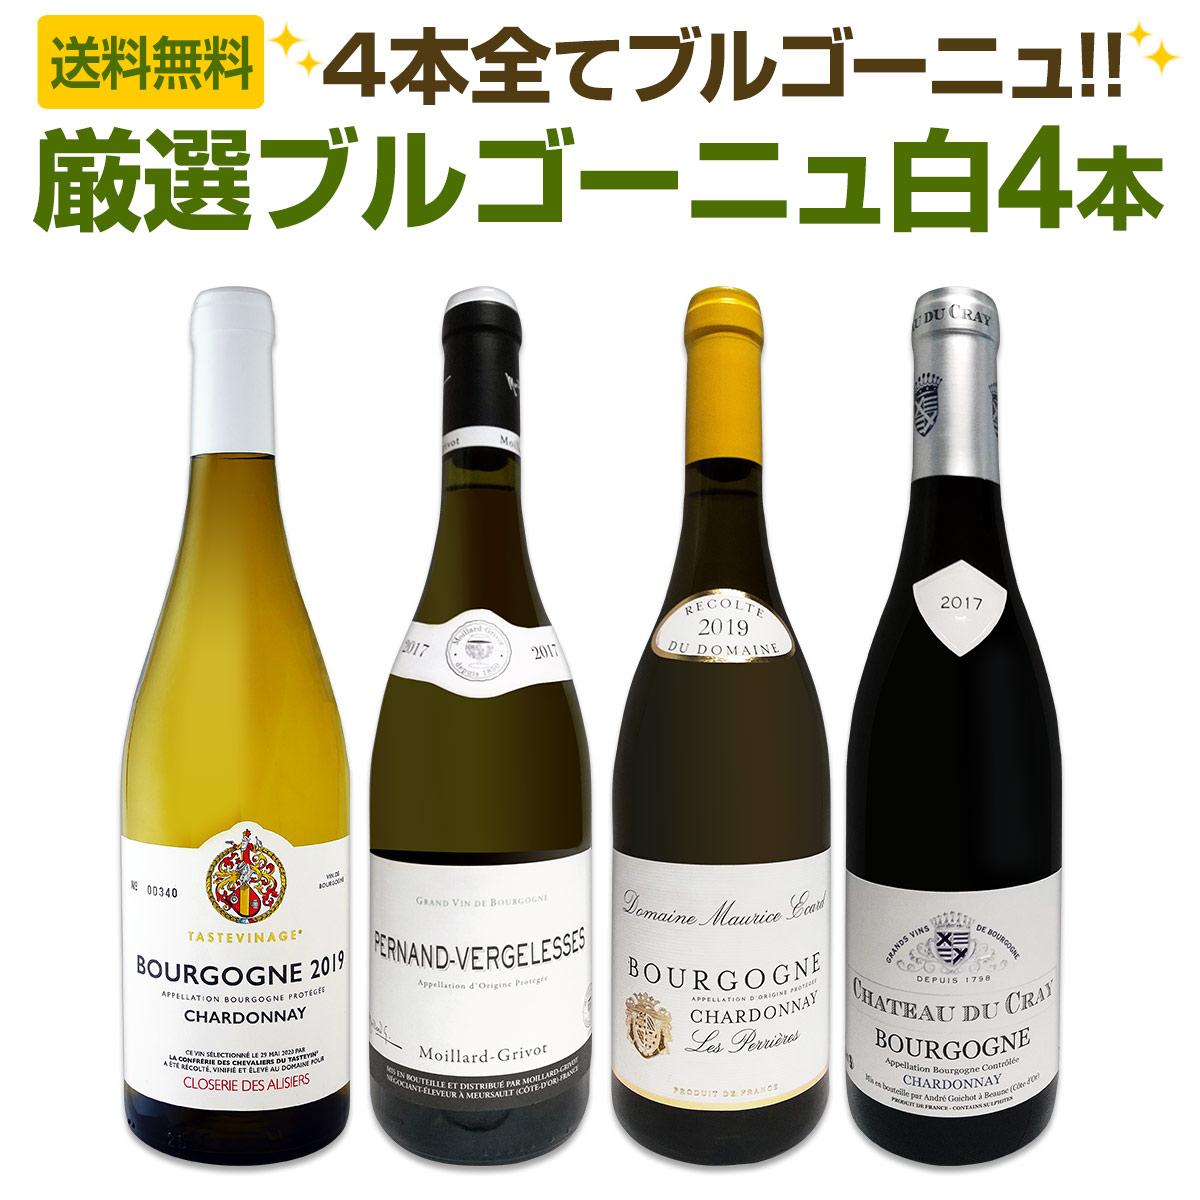 【送料無料】第5弾!厳選ブルゴーニュ白ワイン4本セット!!